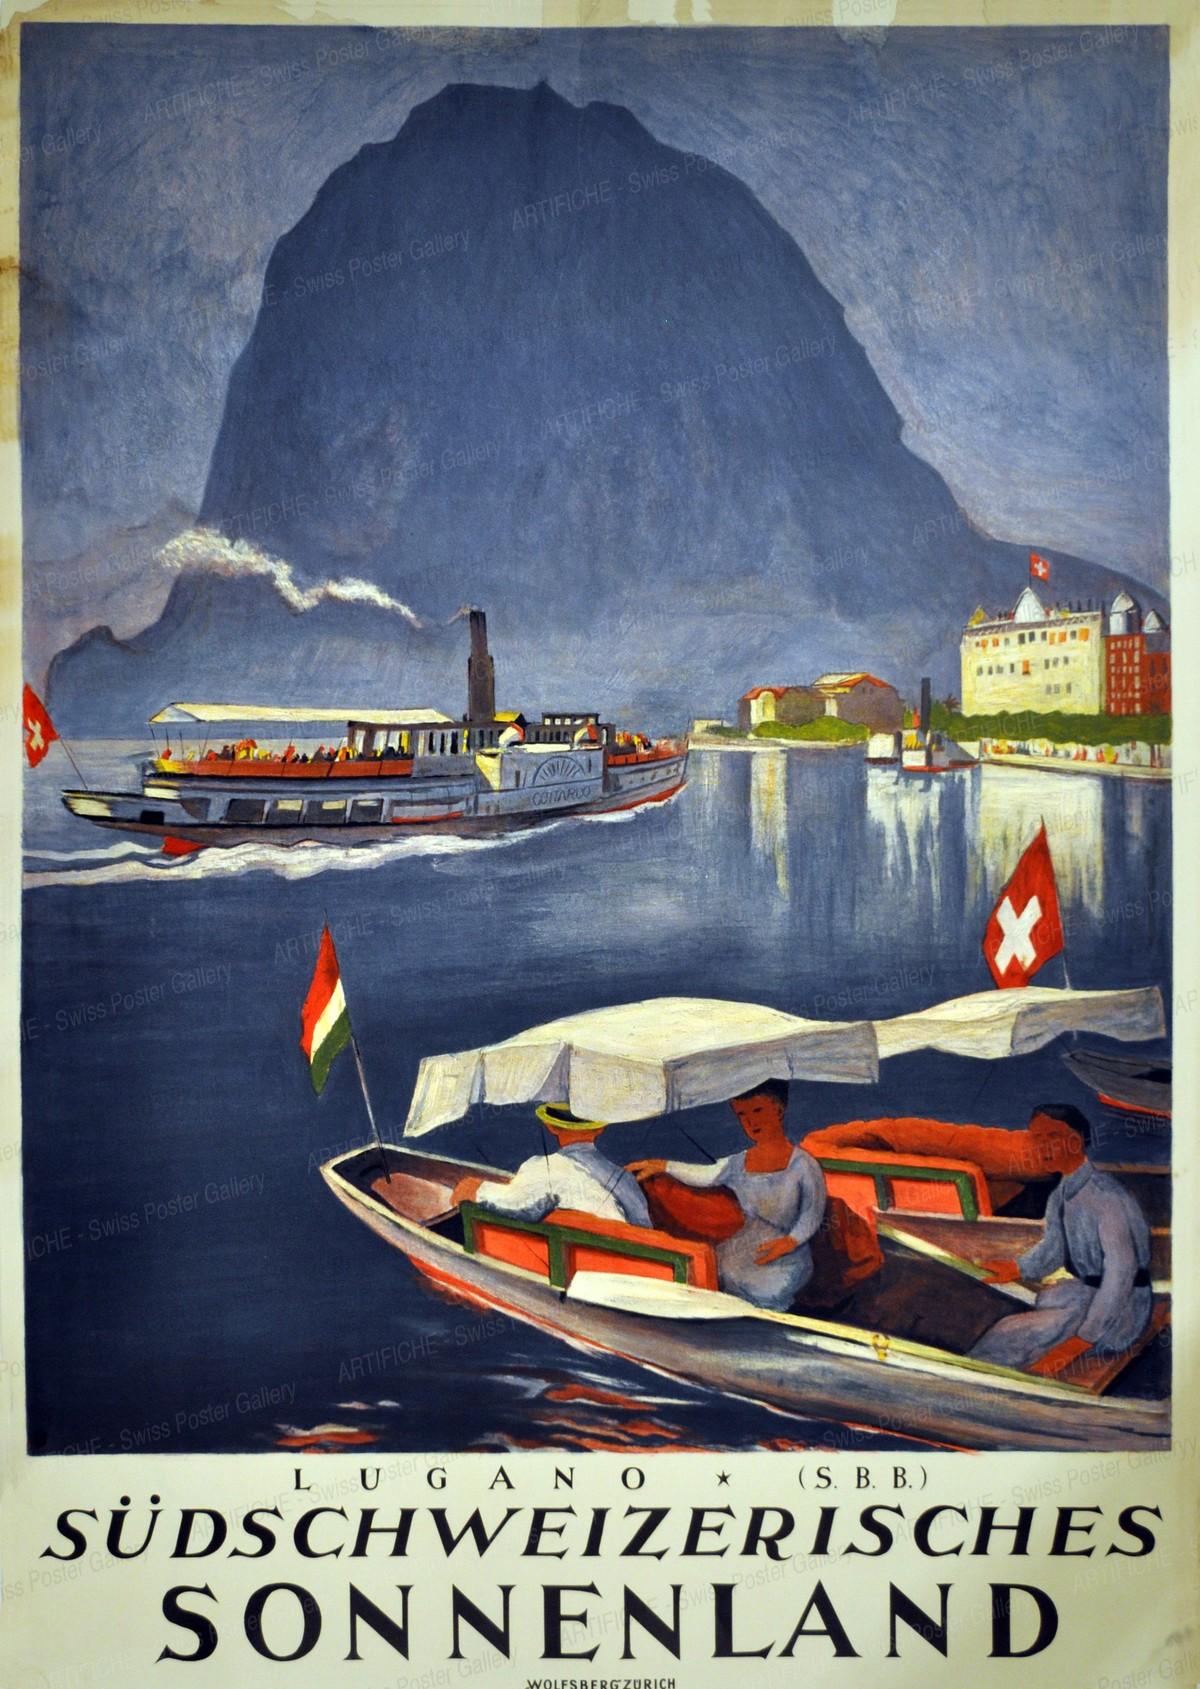 LUGANO S.B.B. Südschweizerisches Sonnenland, Otto Baumberger